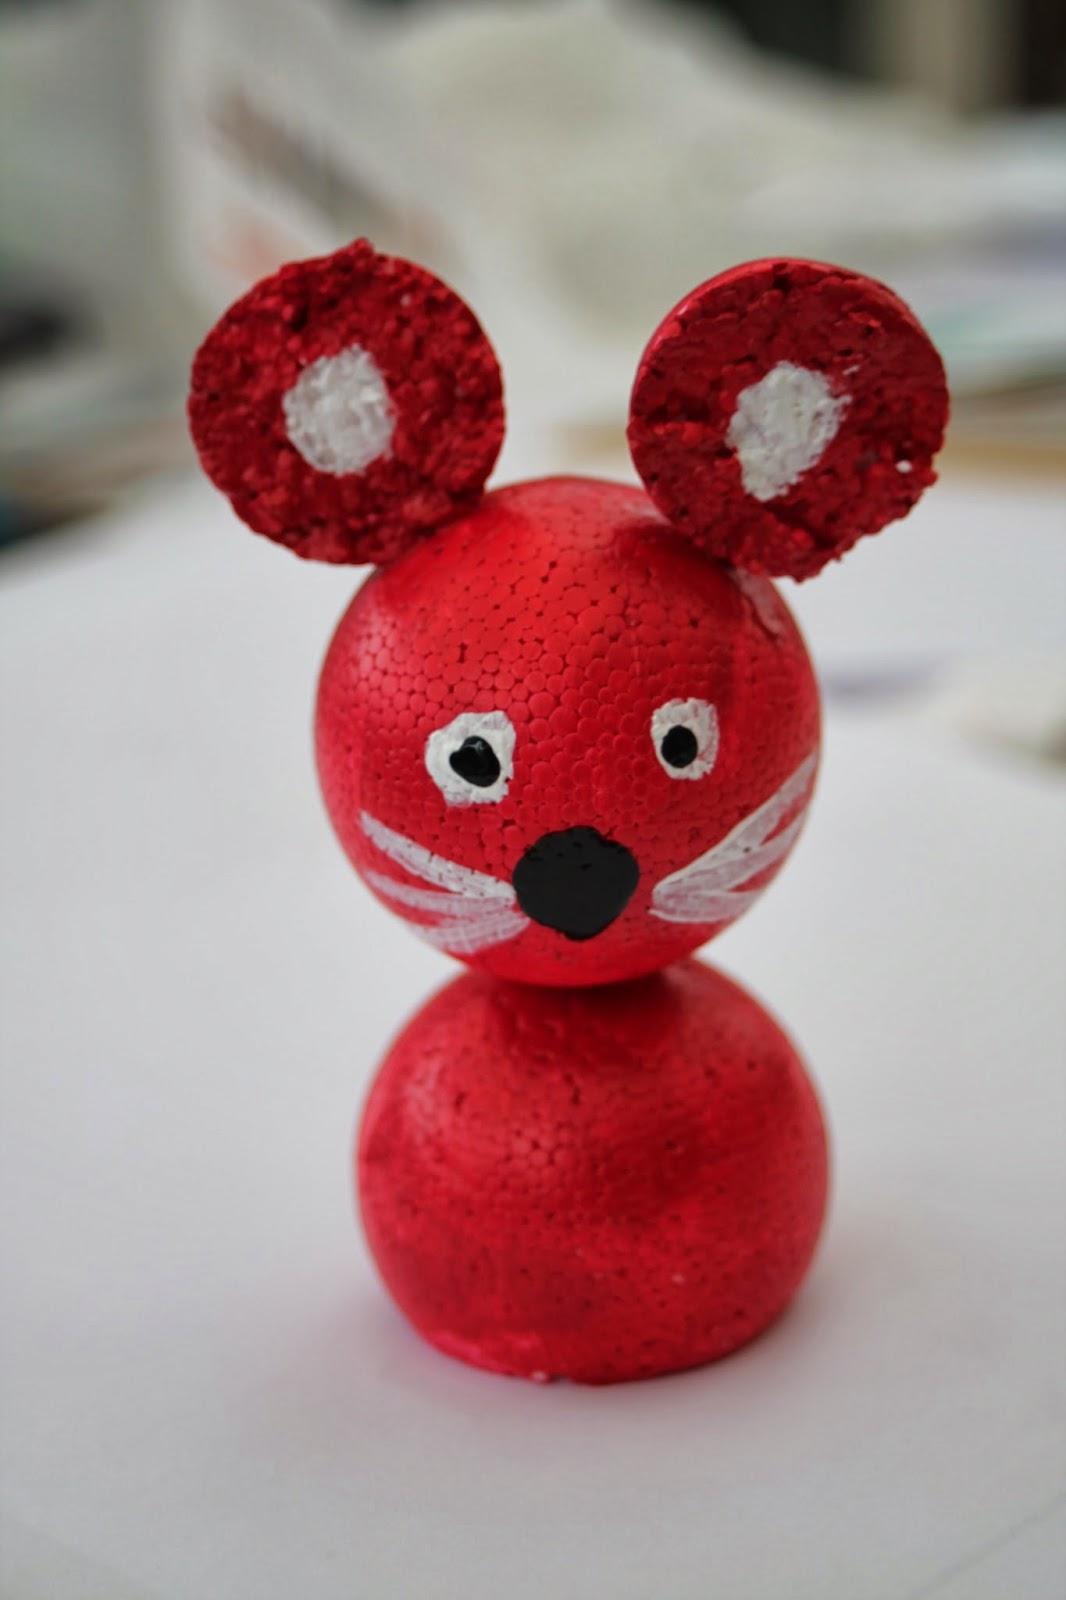 Mati re cr ative comment cr er des petits personnages avec des boules de polystyr ne - Boule de polystyrene ...